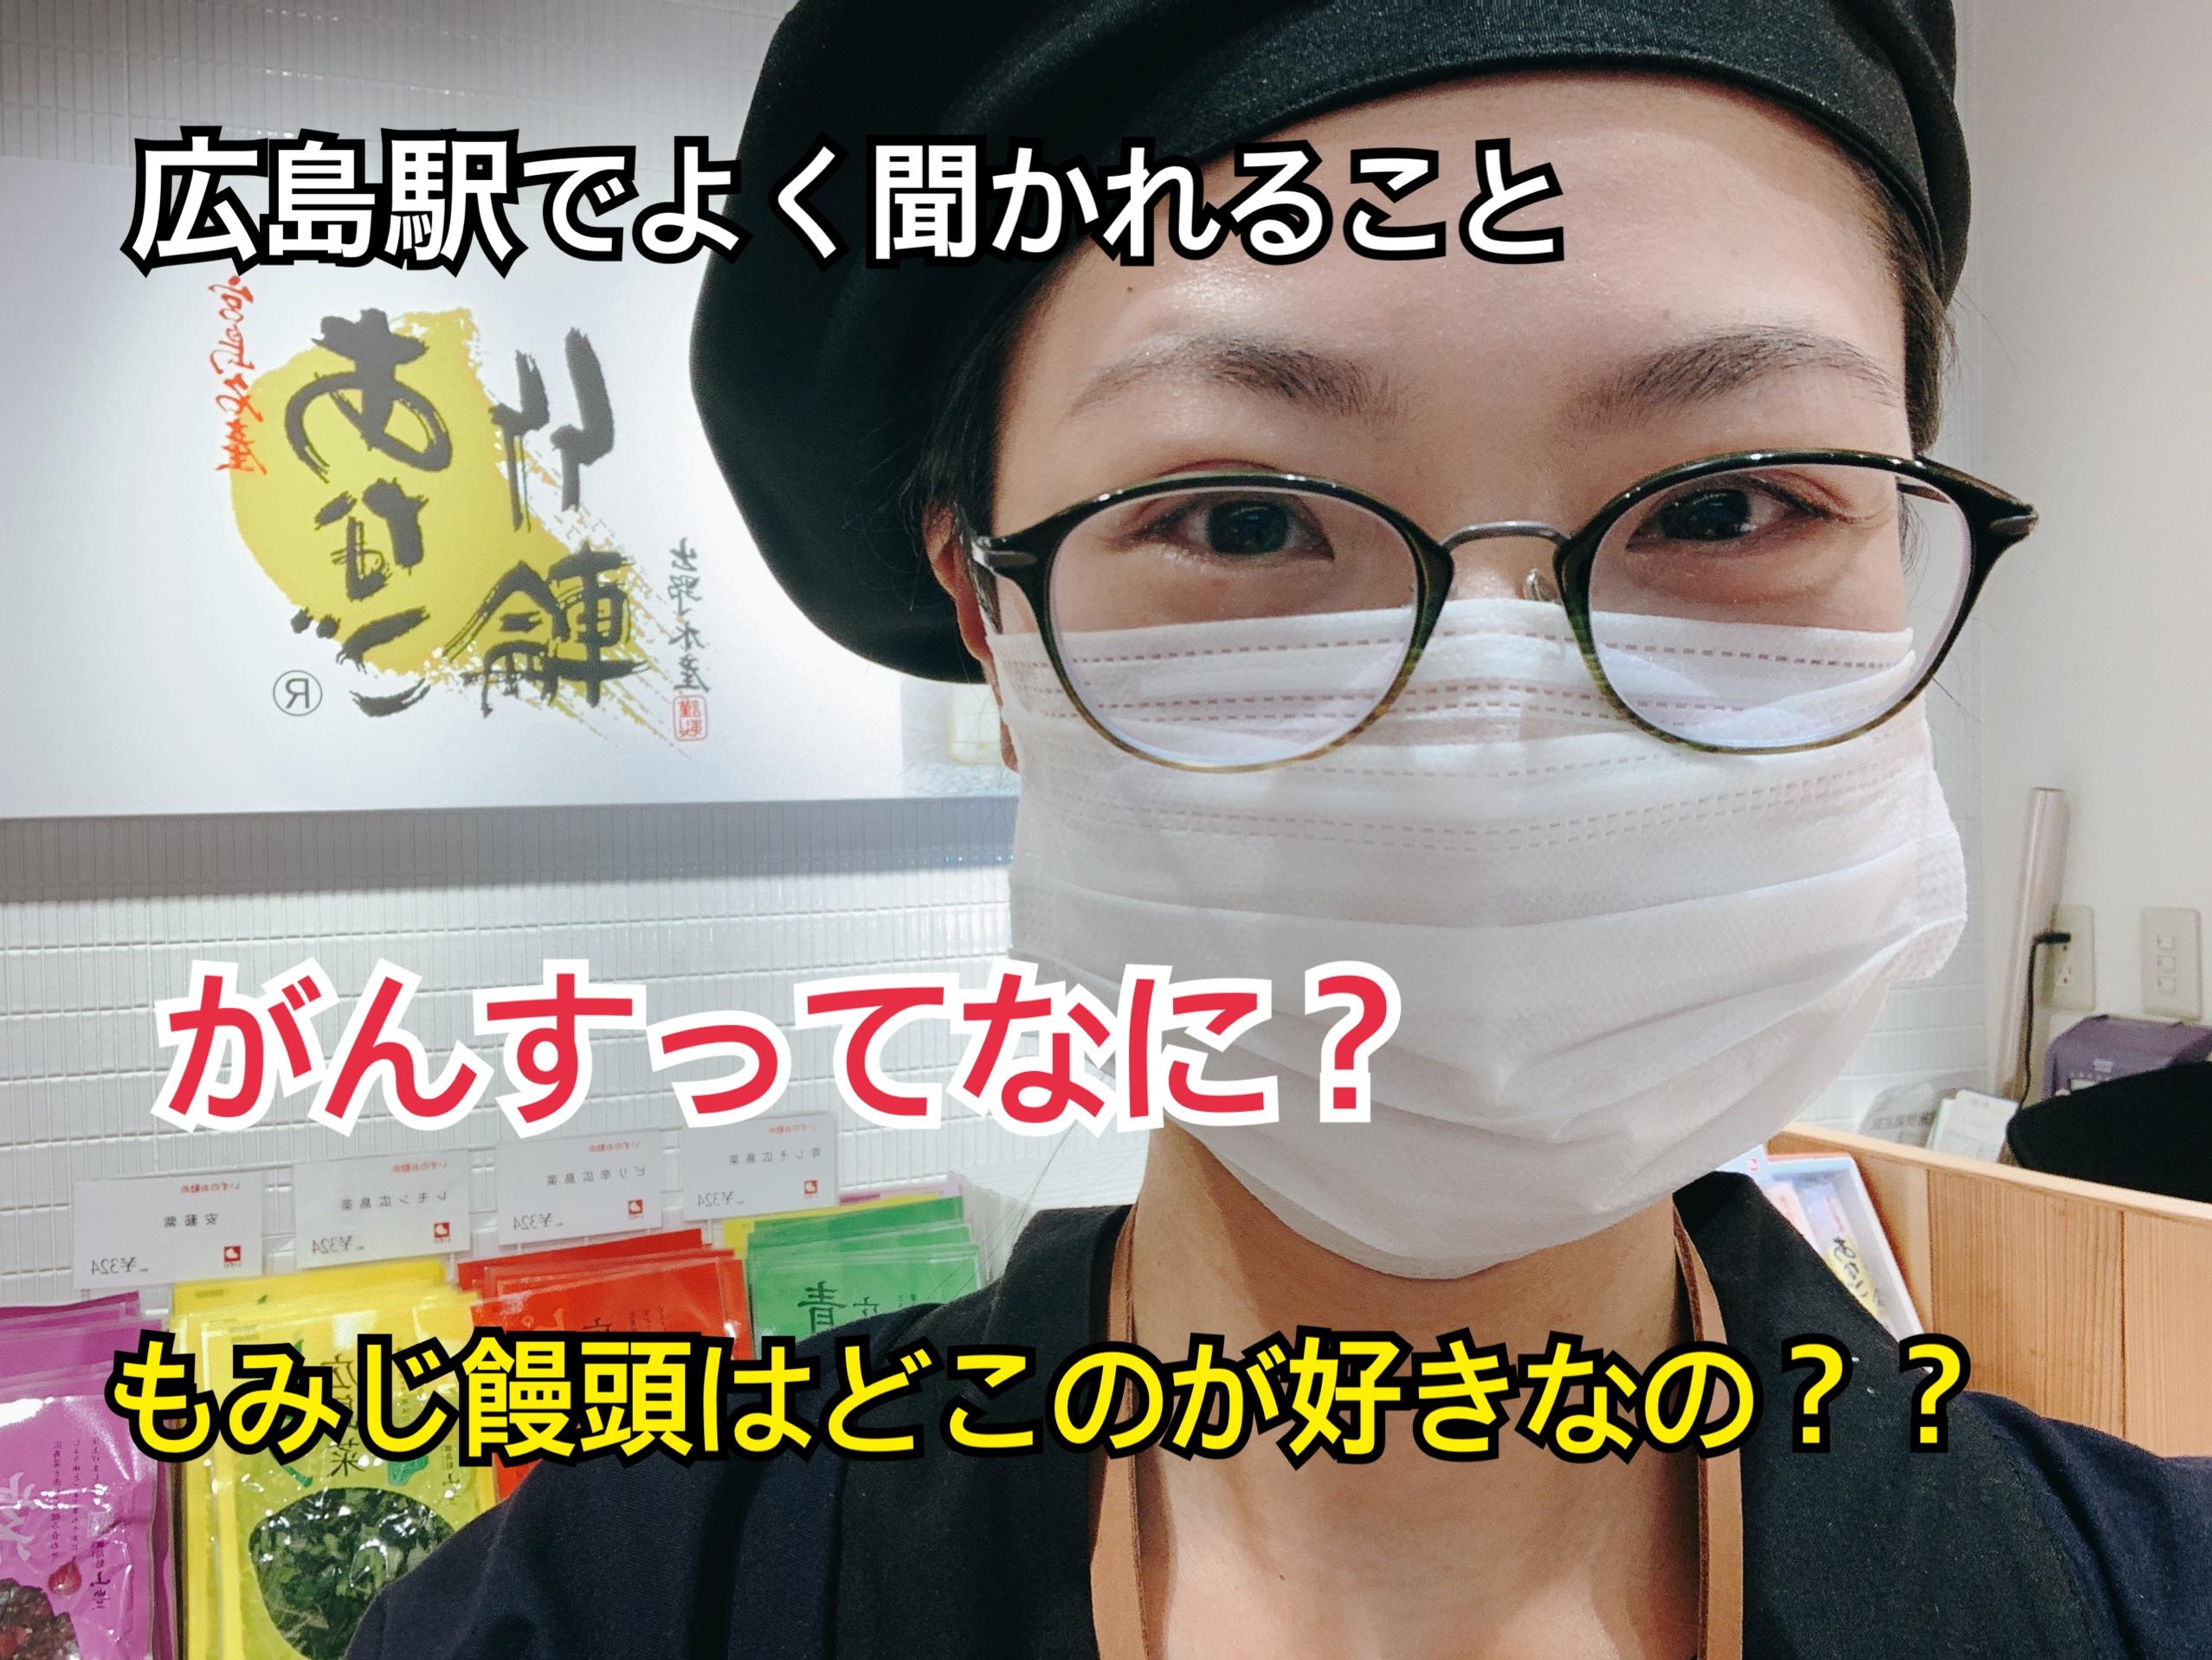 がんすって何? もみじ饅頭どこのを 買うのがいいかな?? 広島駅でよく聞かれる質問ベスト2